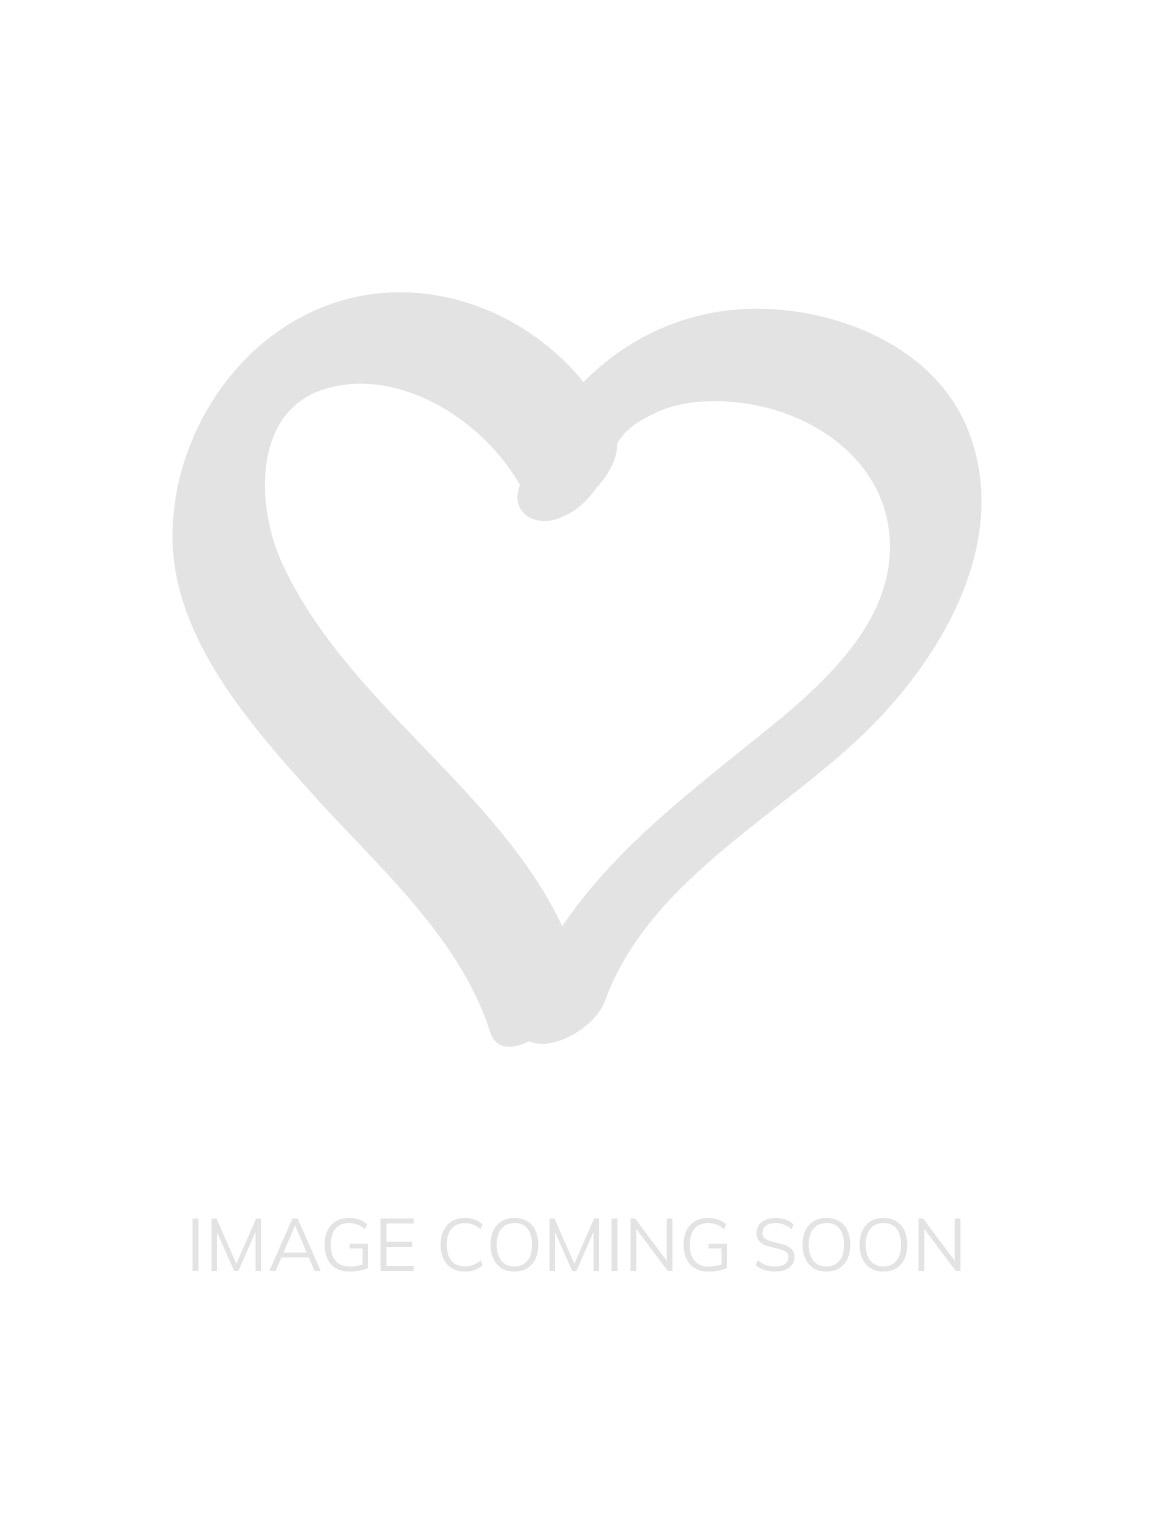 d791175fa05 La Femme Contour Bra - Naturally Nude